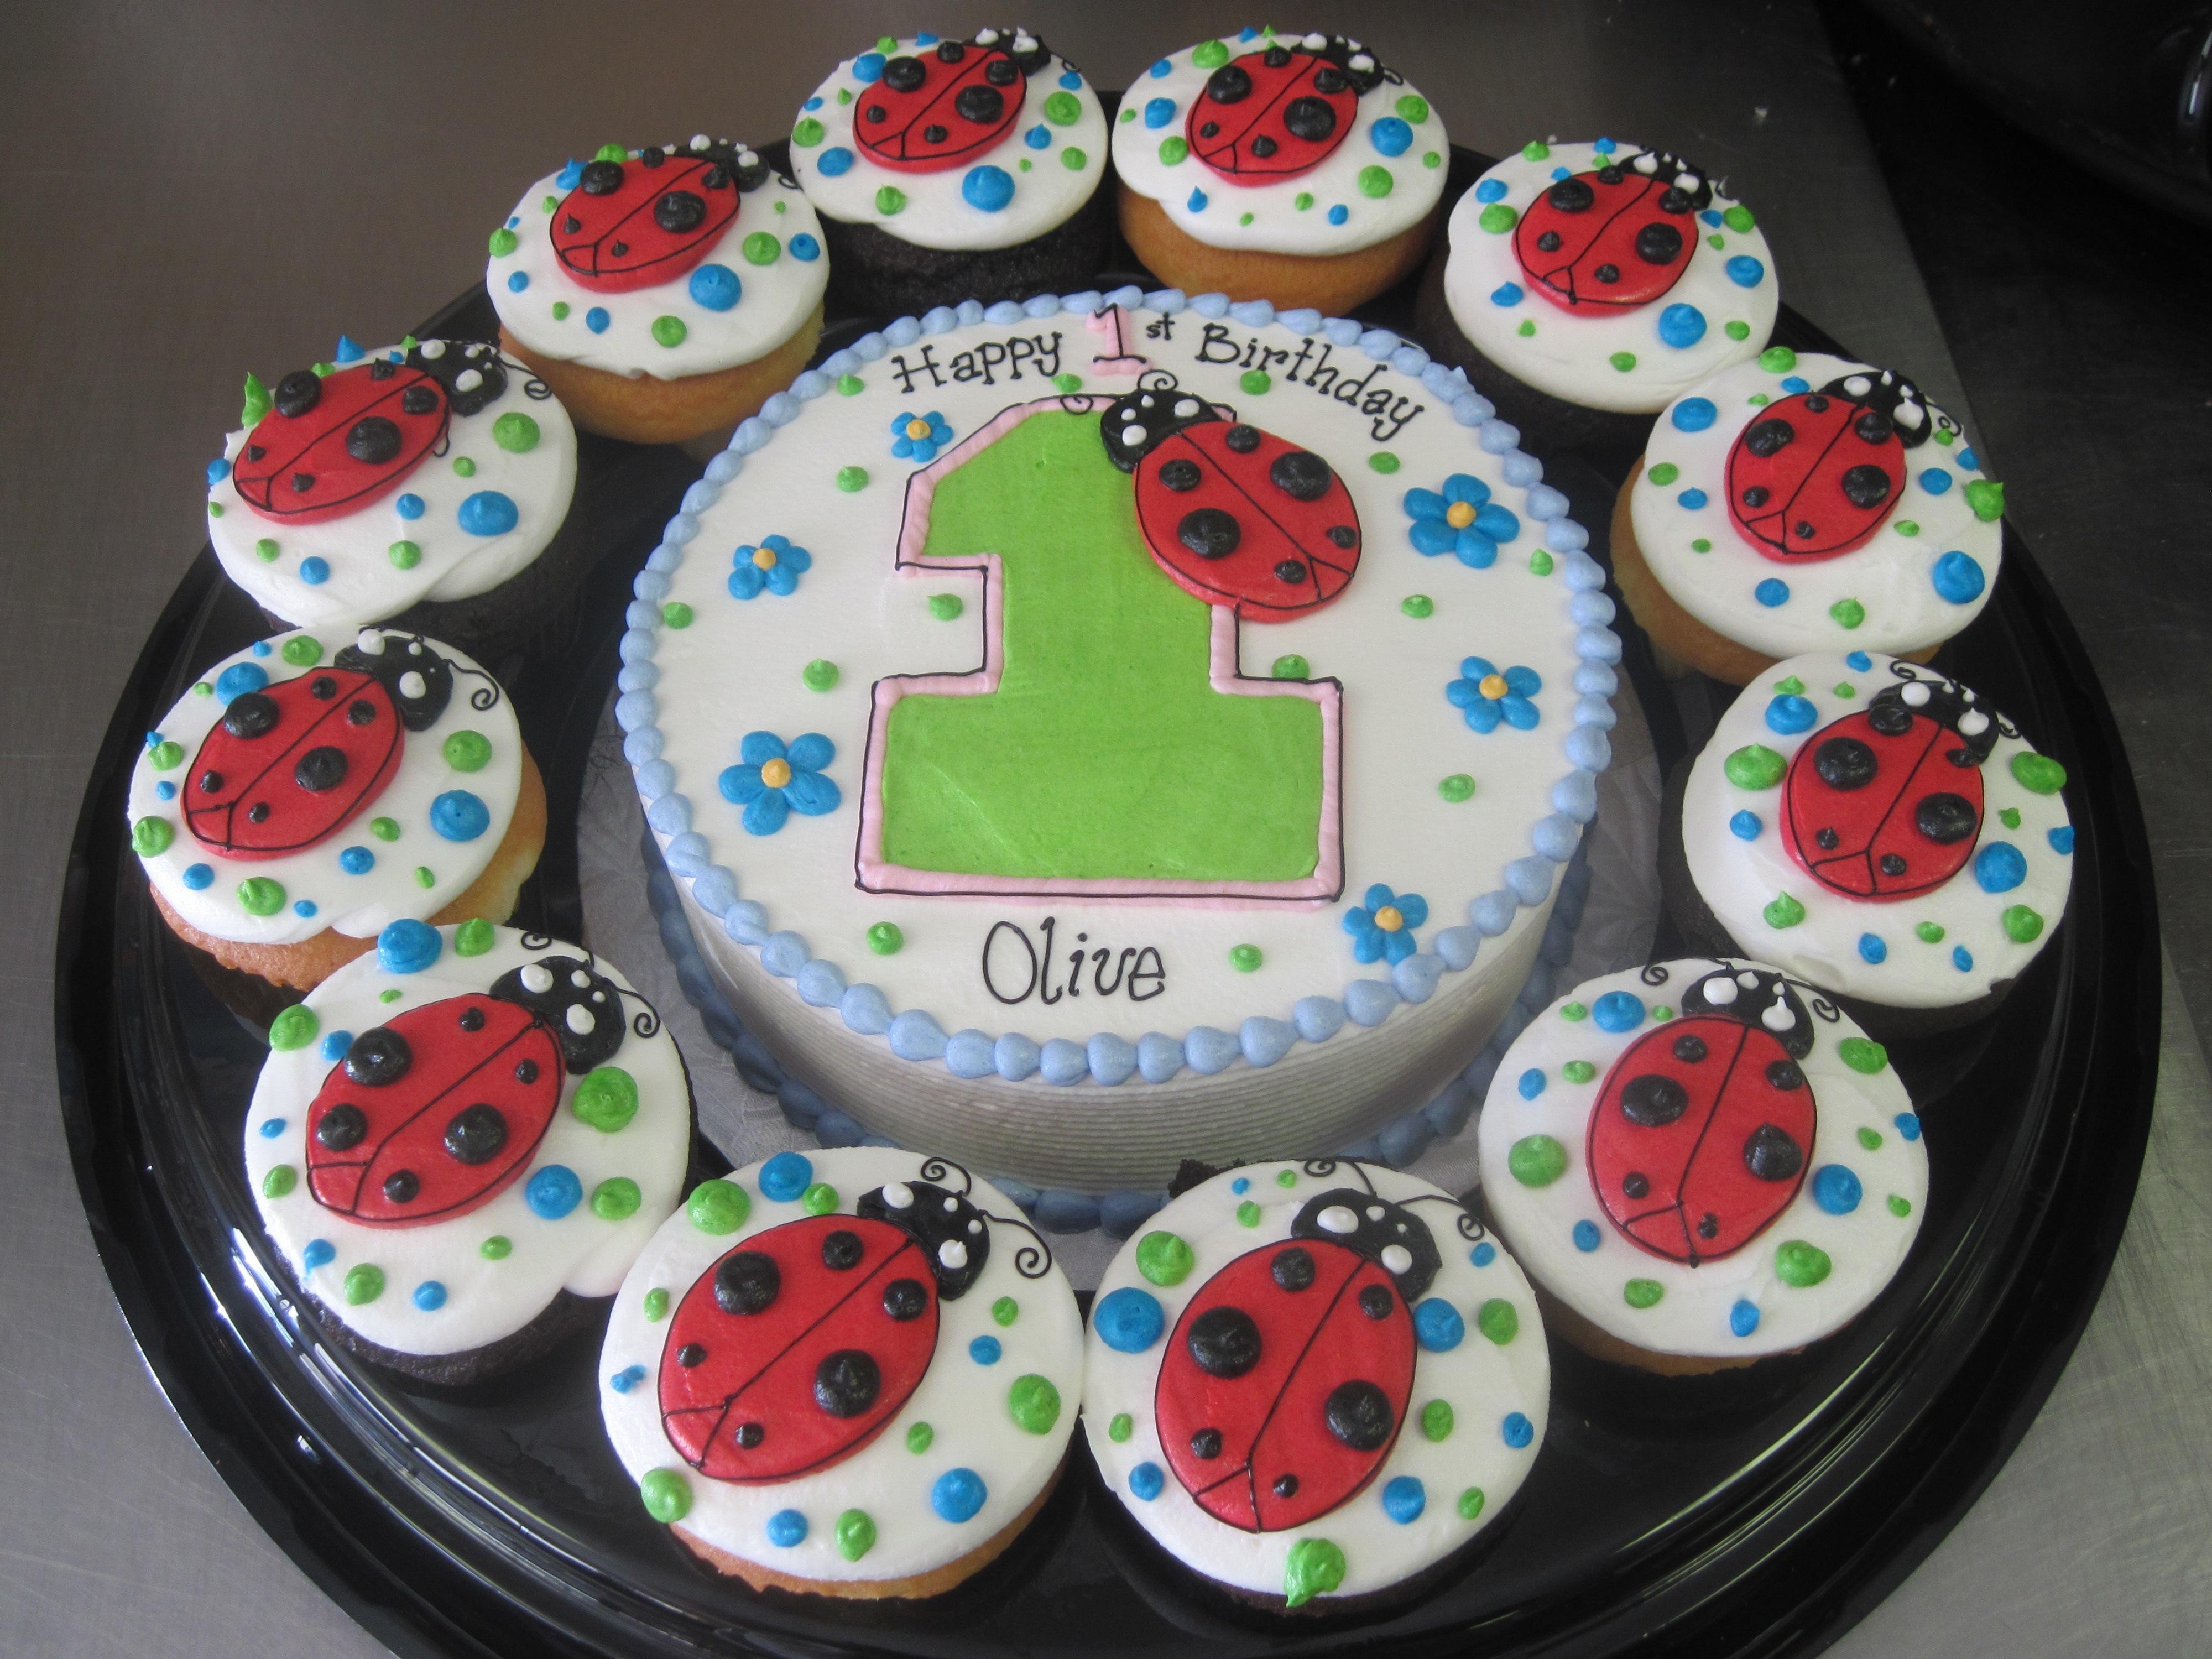 Ladybug Ladybug Cakeworks Blog